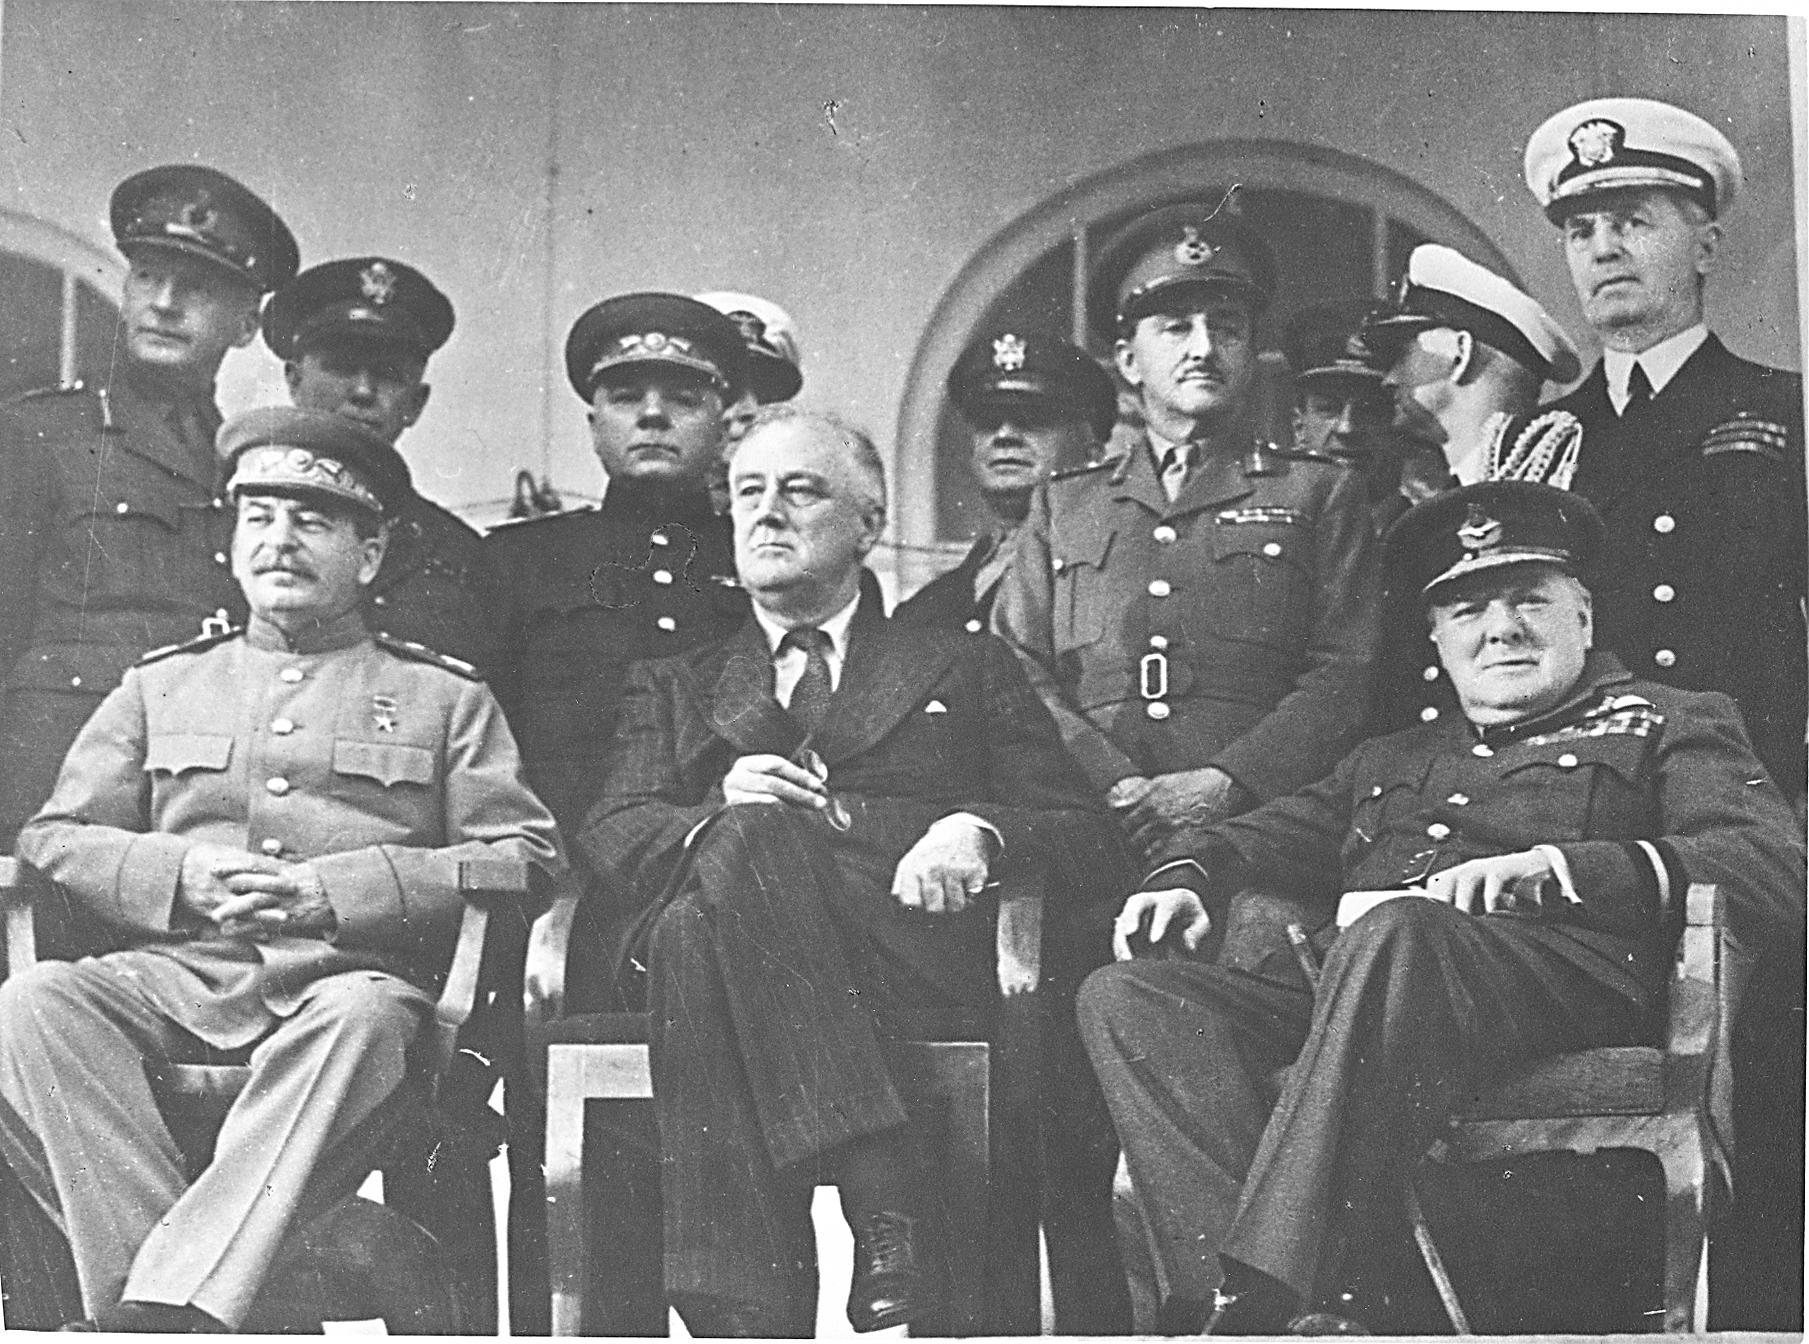 Conferencia de Teherán. Delante, de izquierda a derecha: Iósif Stalin (URSS), Franklin D. Roosevelt (EE.UU.), Winston Churchill (Gran Bretaña), 1943.